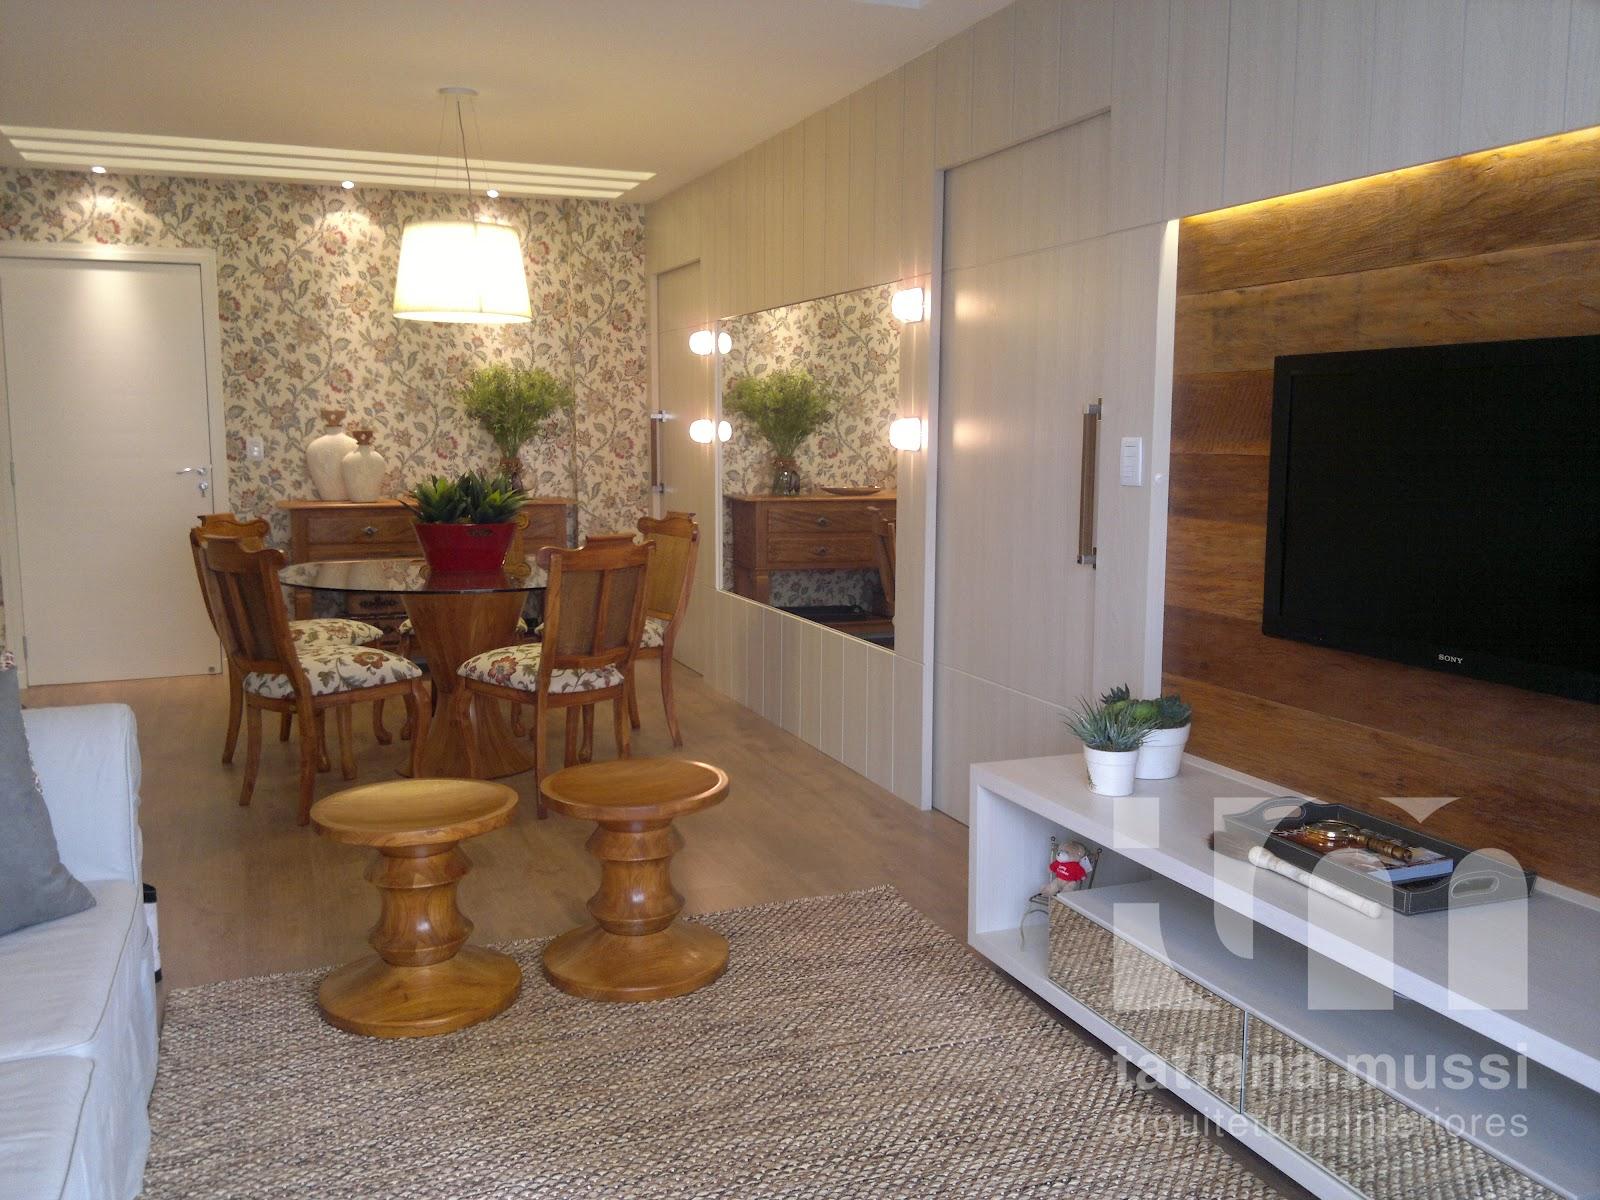 #966F35  cozinha e a área íntima do apartamento tb fazem parte deste painel 1600x1200 px Melhoria Home Da Cozinha_10 Imagens